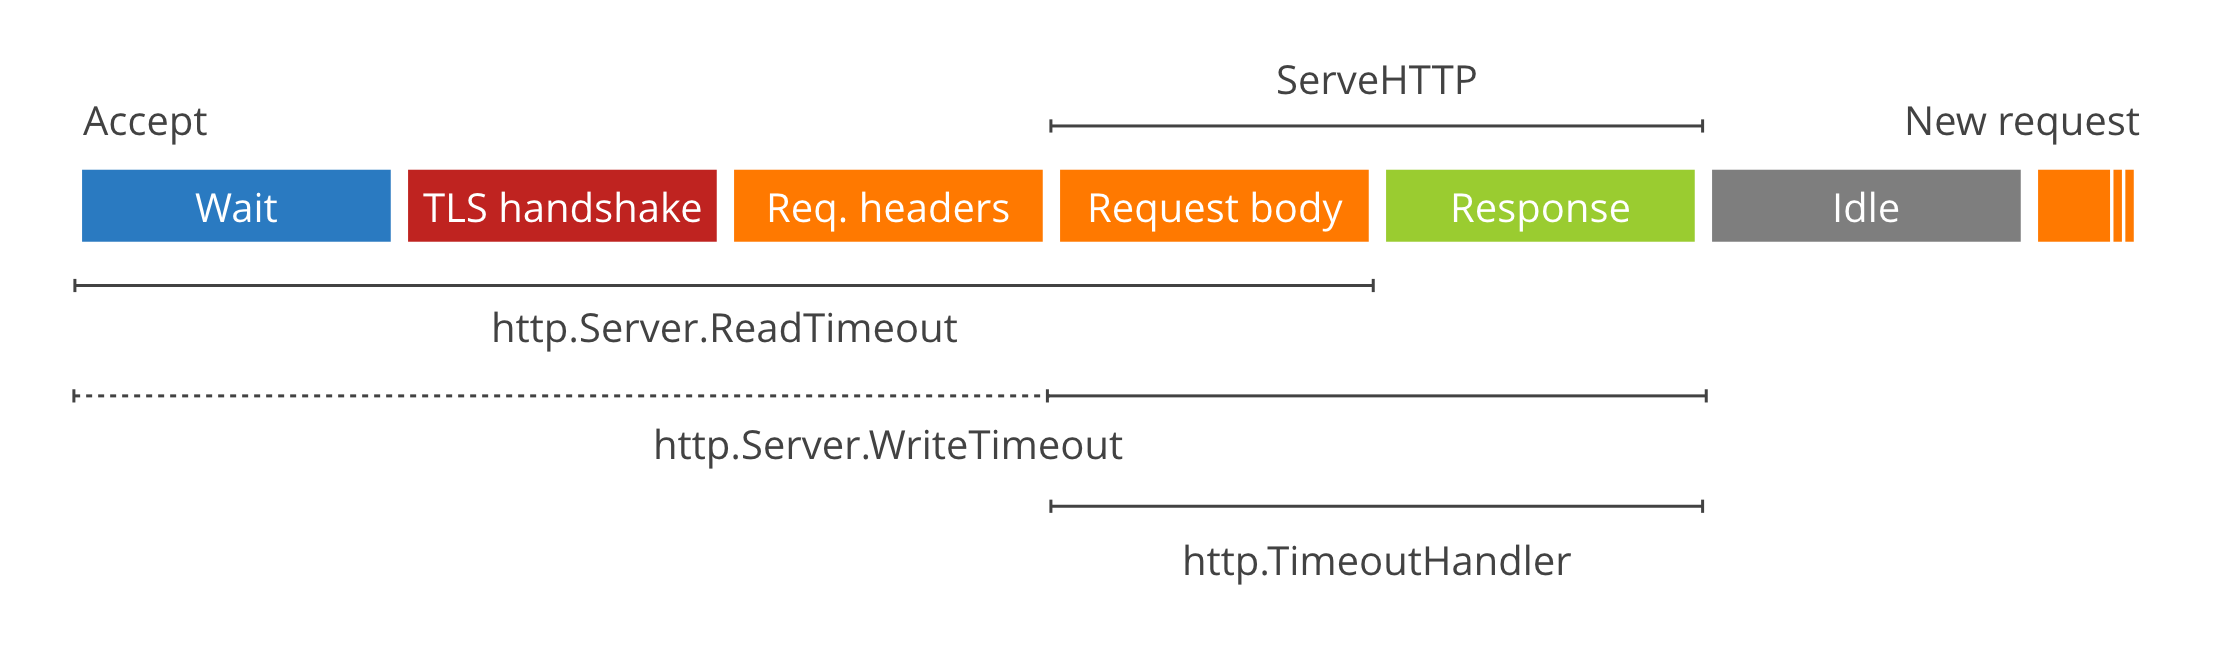 HTTP server phases